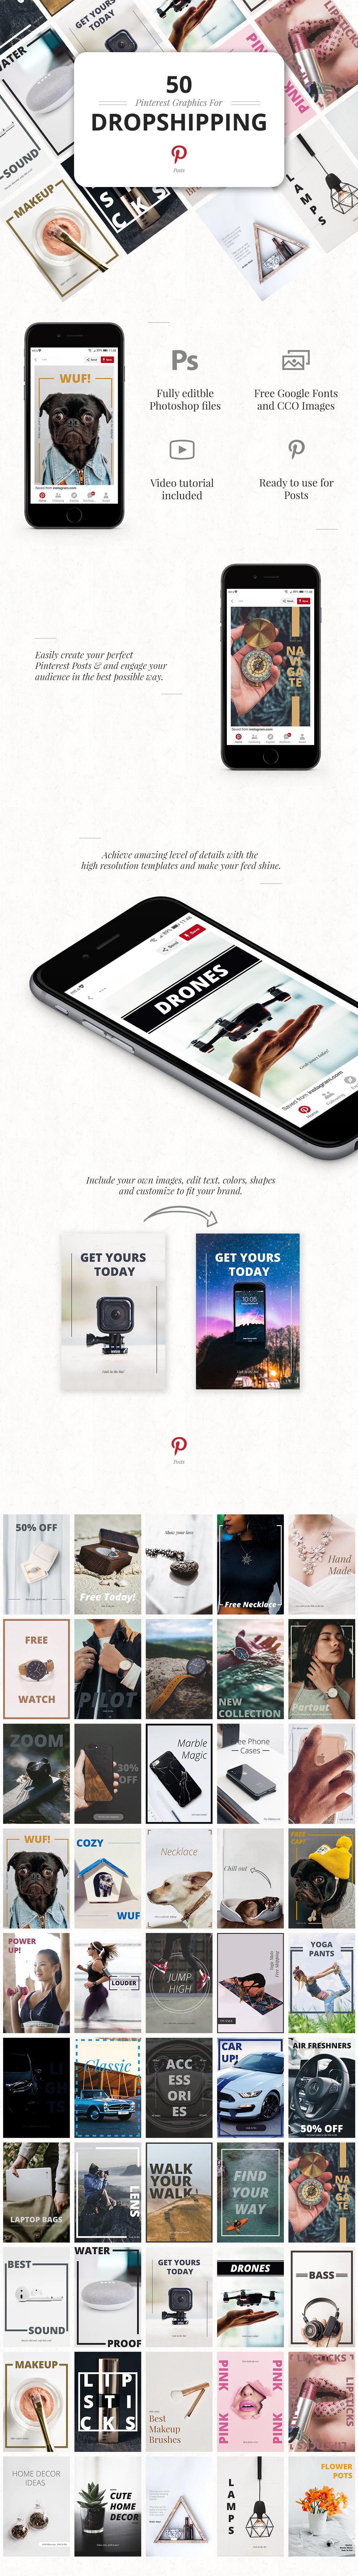 Pinterest dropship dropshipping social social media Pinterest Template pinterest post pinterest photoshop pin template pinterest psd